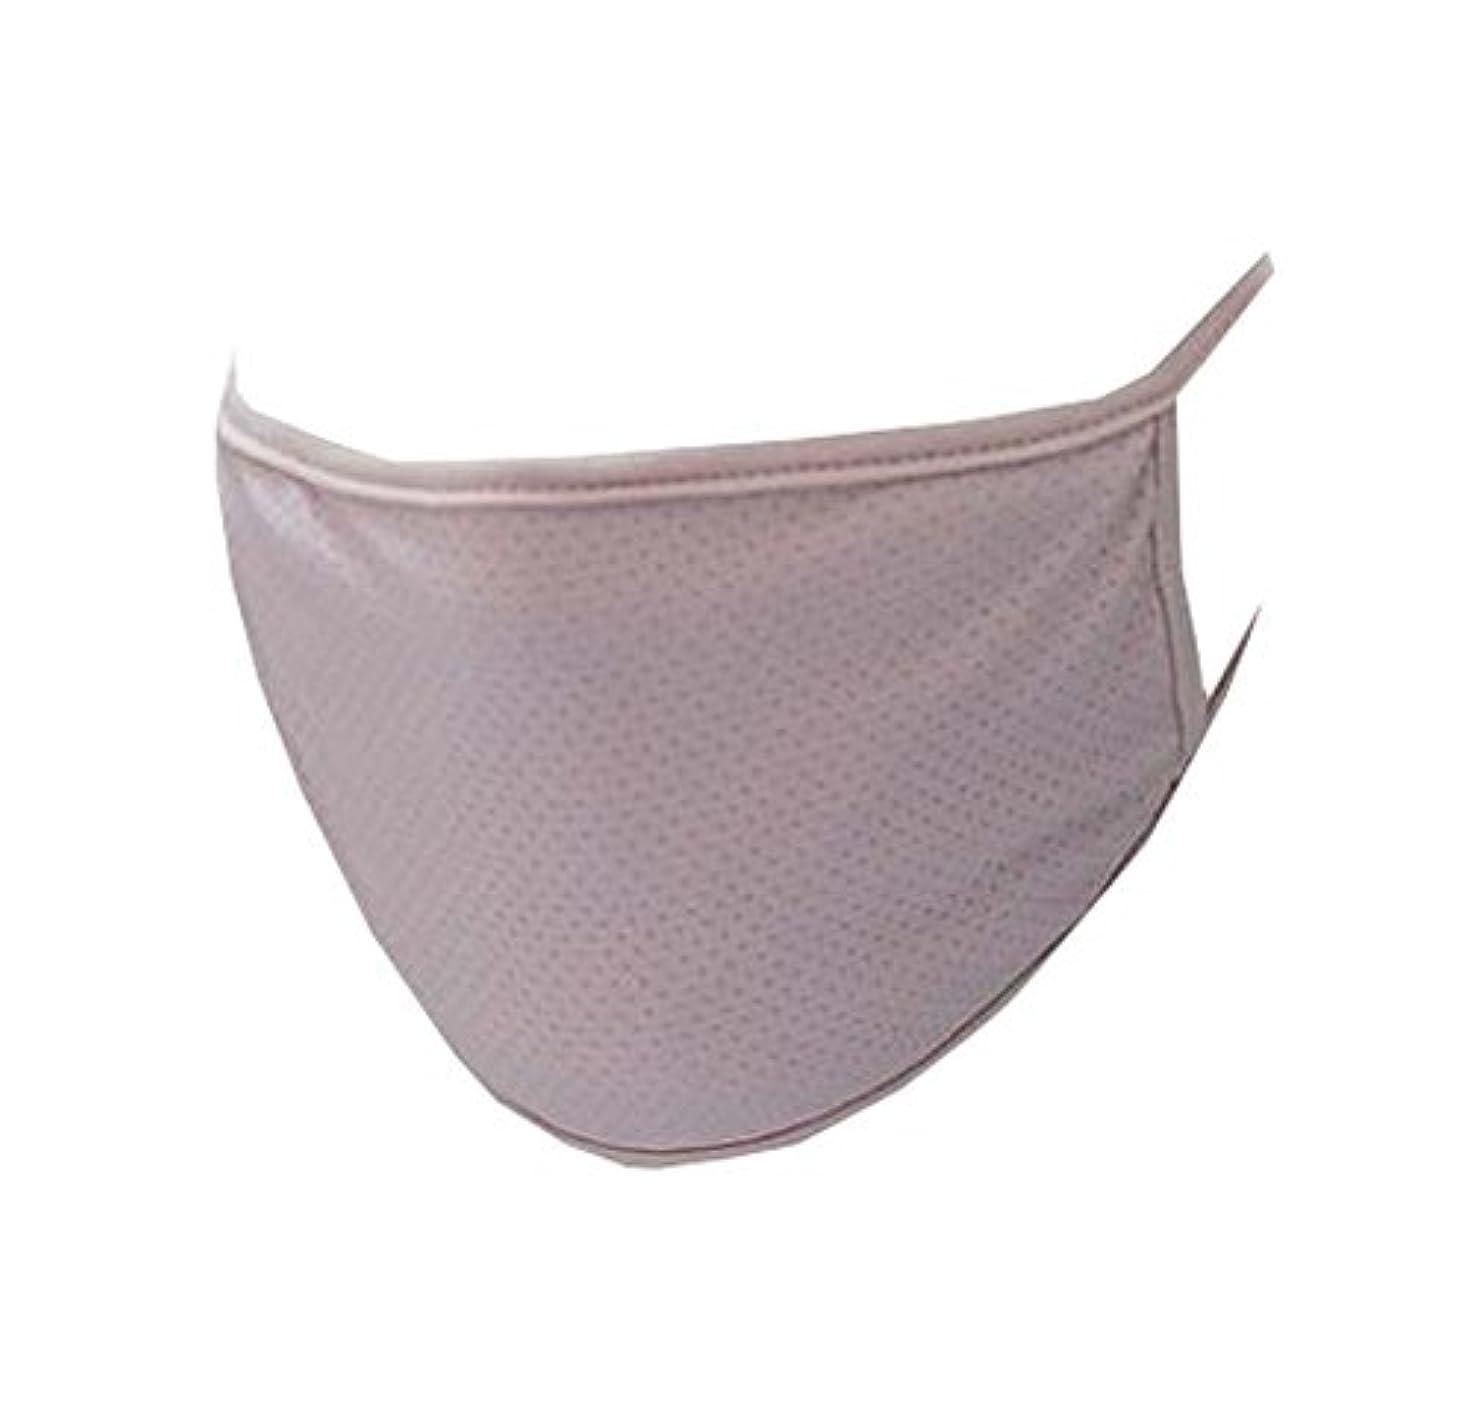 店員必要多様な口マスク、再使用可能フィルター - 埃、花粉、アレルゲン、抗UV、およびインフルエンザ菌 - F